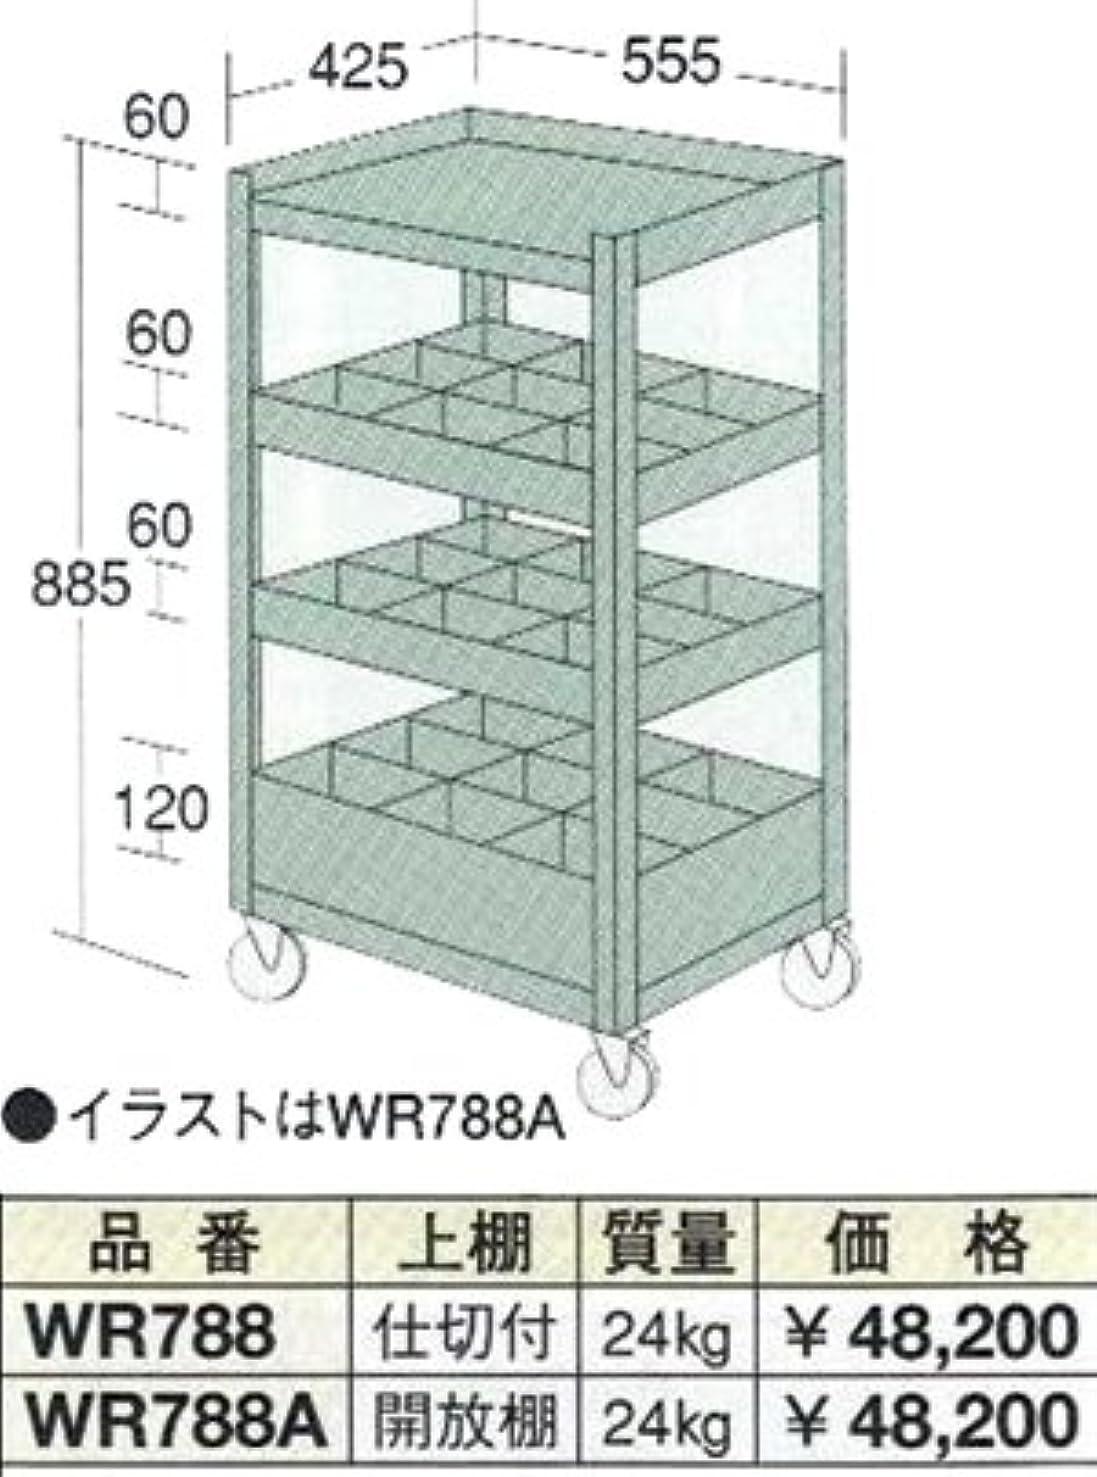 恵みカスタム漂流OS(大阪製罐) ラックワゴン開放棚付 WR788A